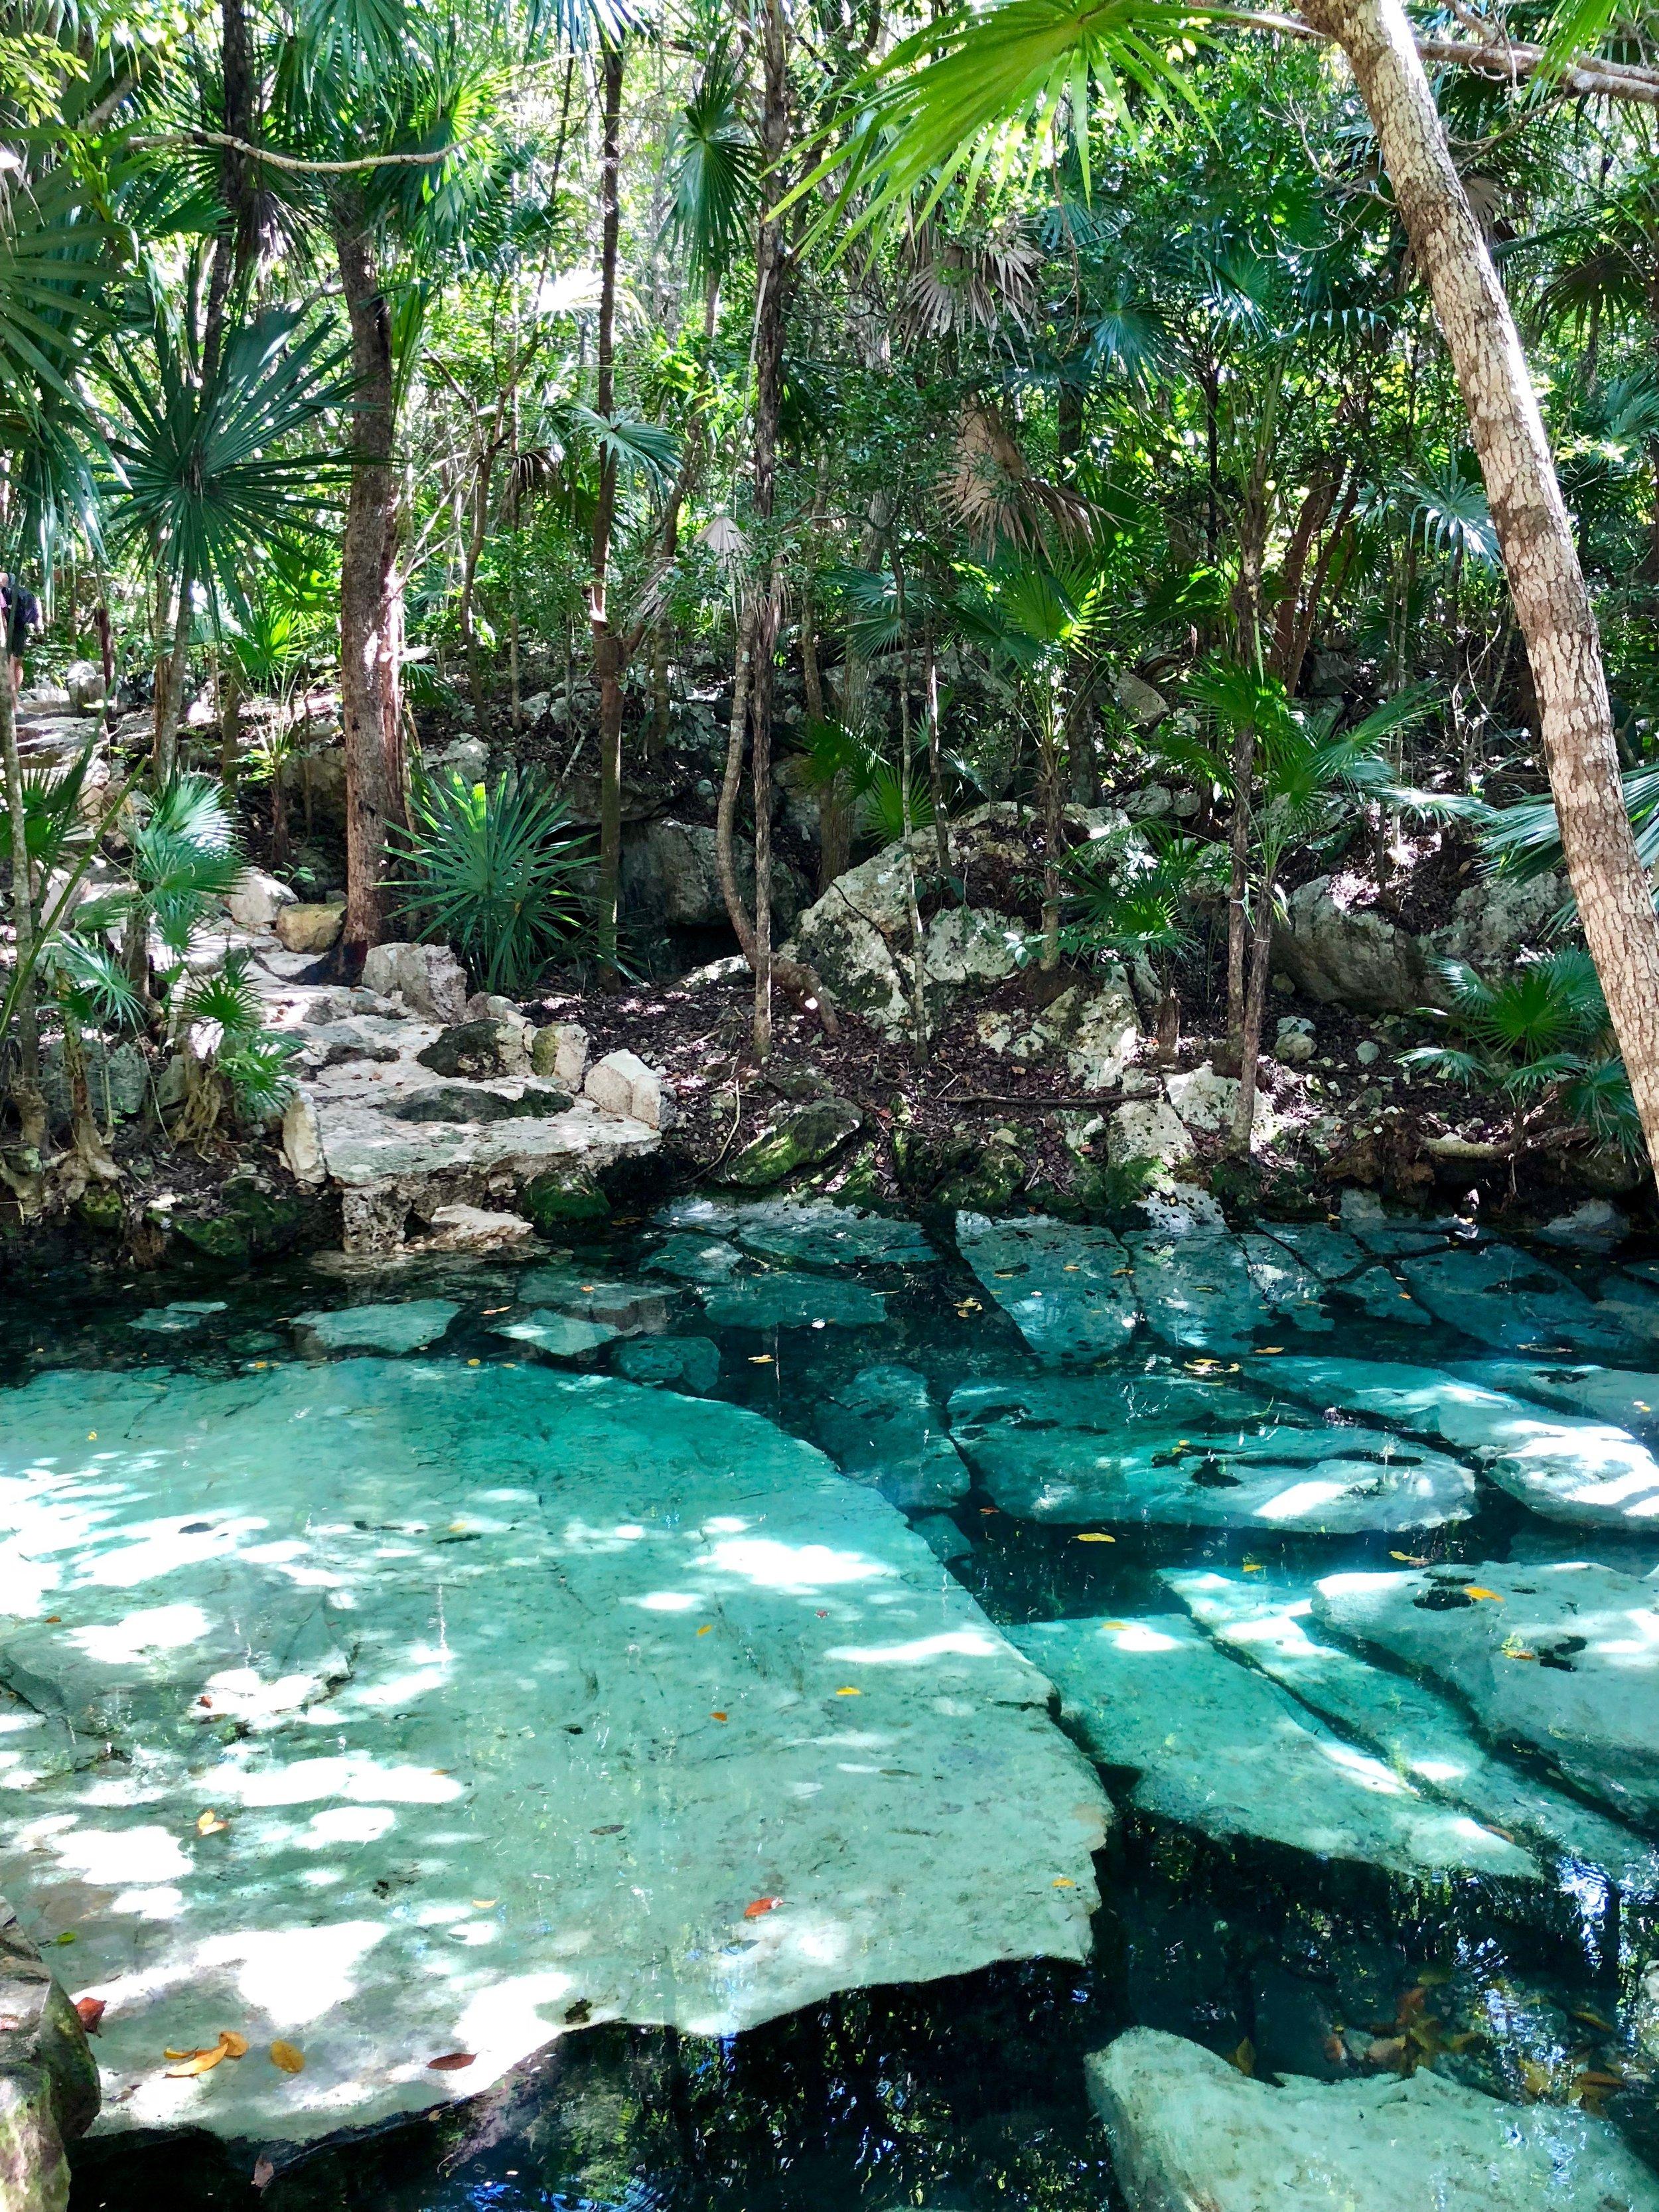 Cenote Azul located 30 minutes north of Tulum.